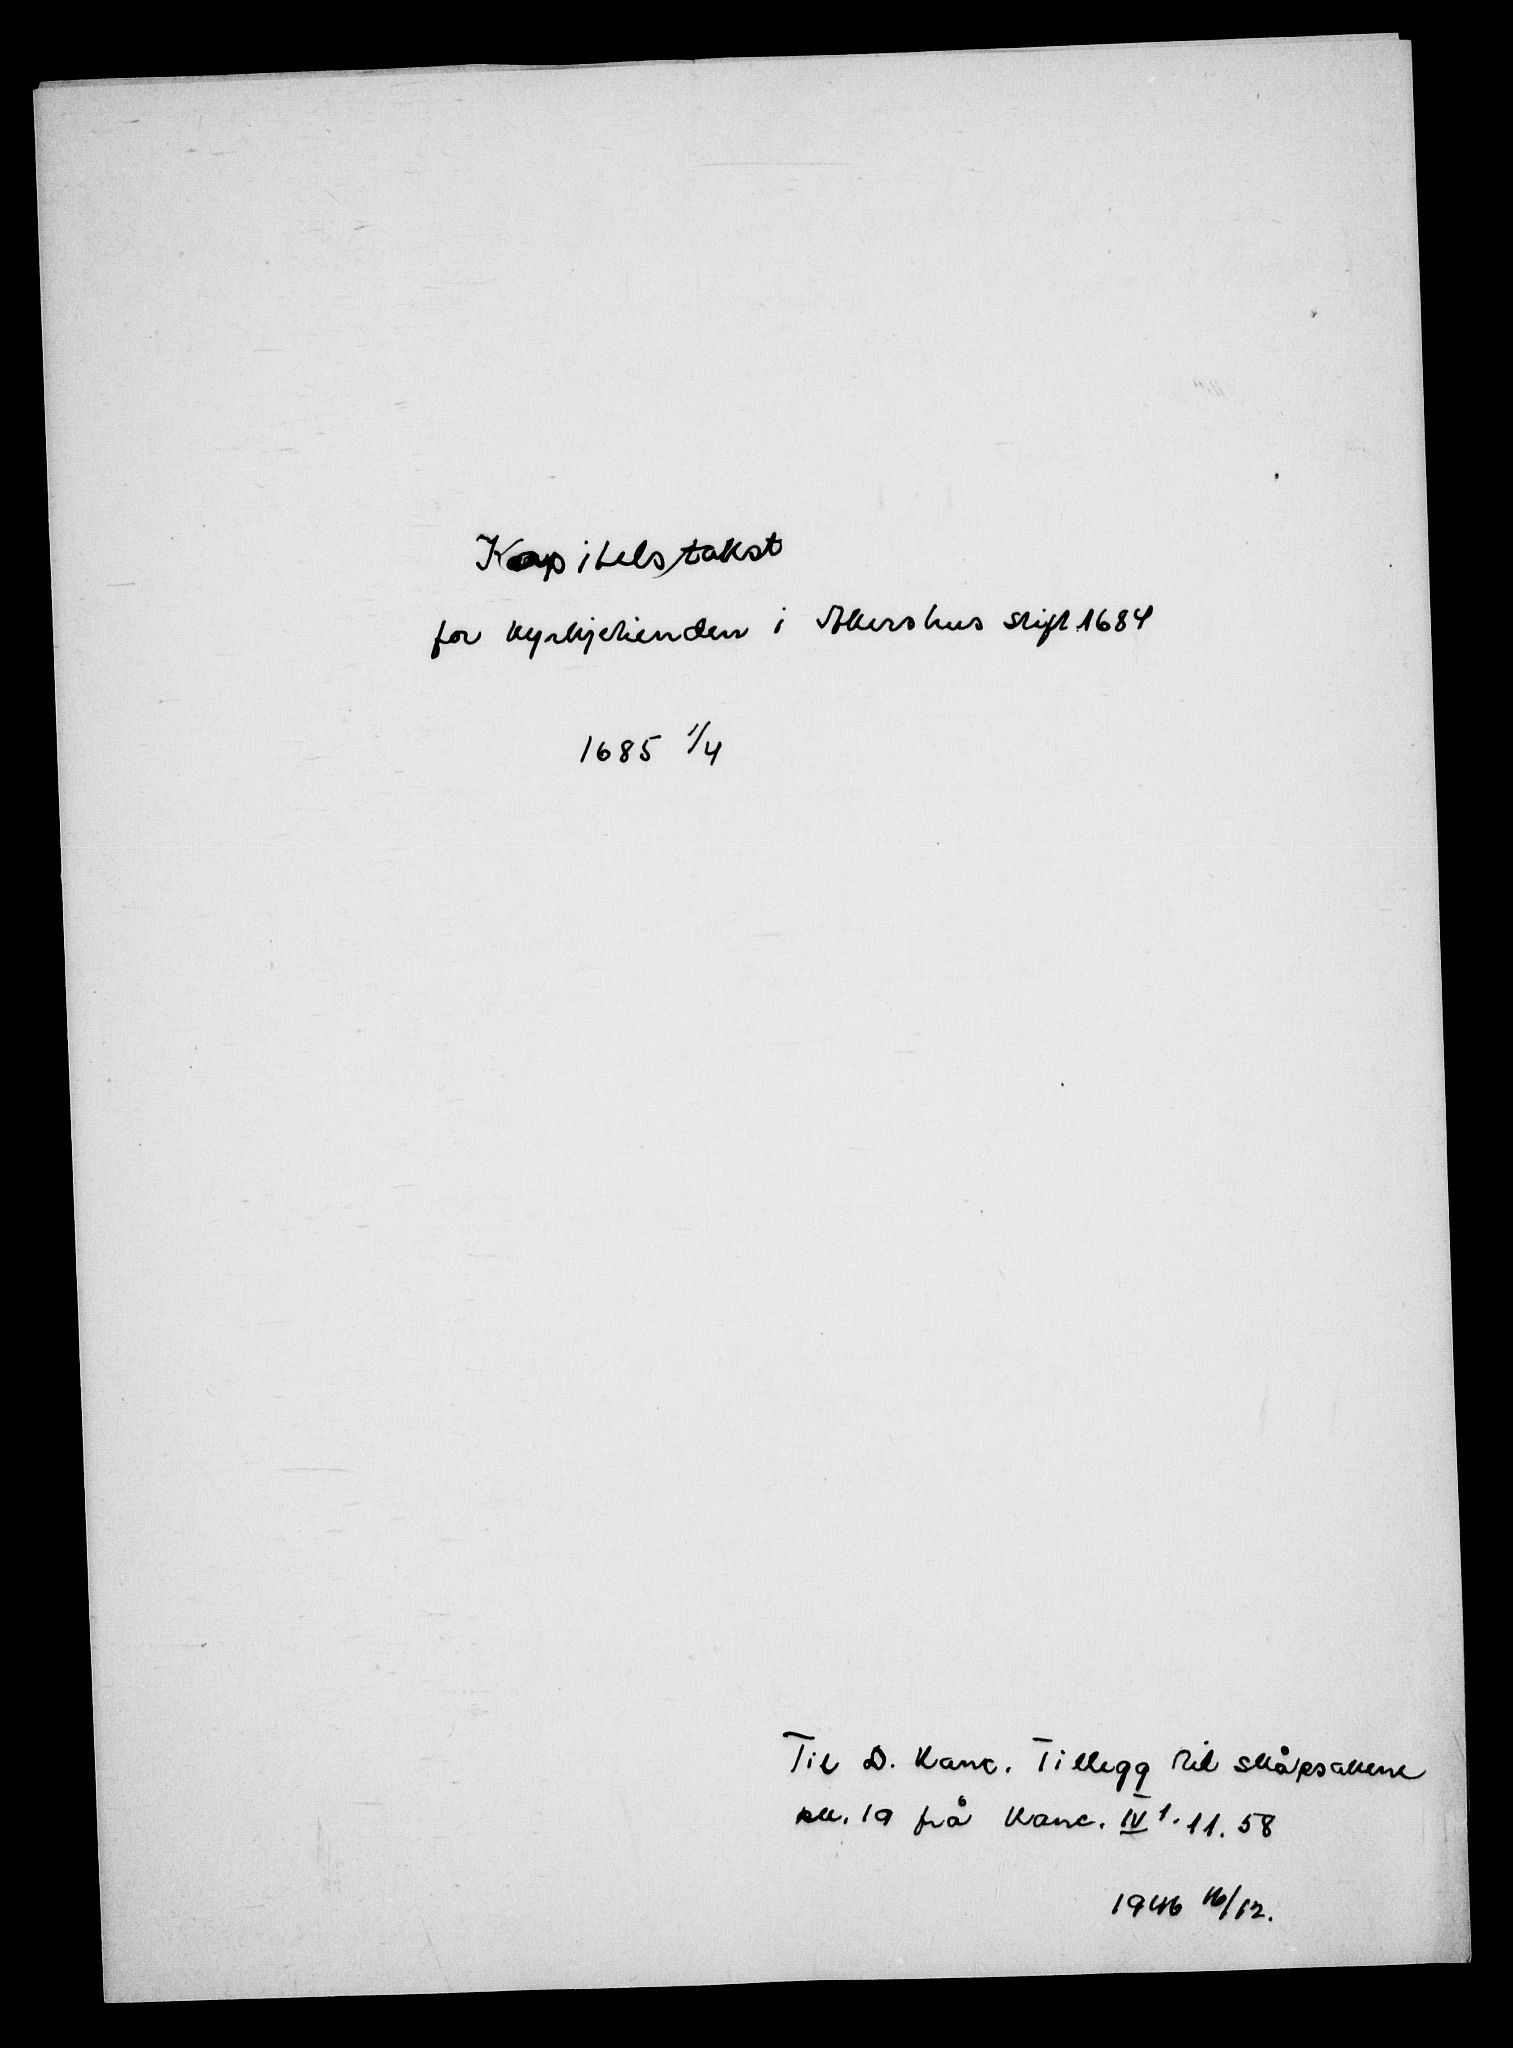 RA, Danske Kanselli, Skapsaker, G/L0019: Tillegg til skapsakene, 1616-1753, p. 240